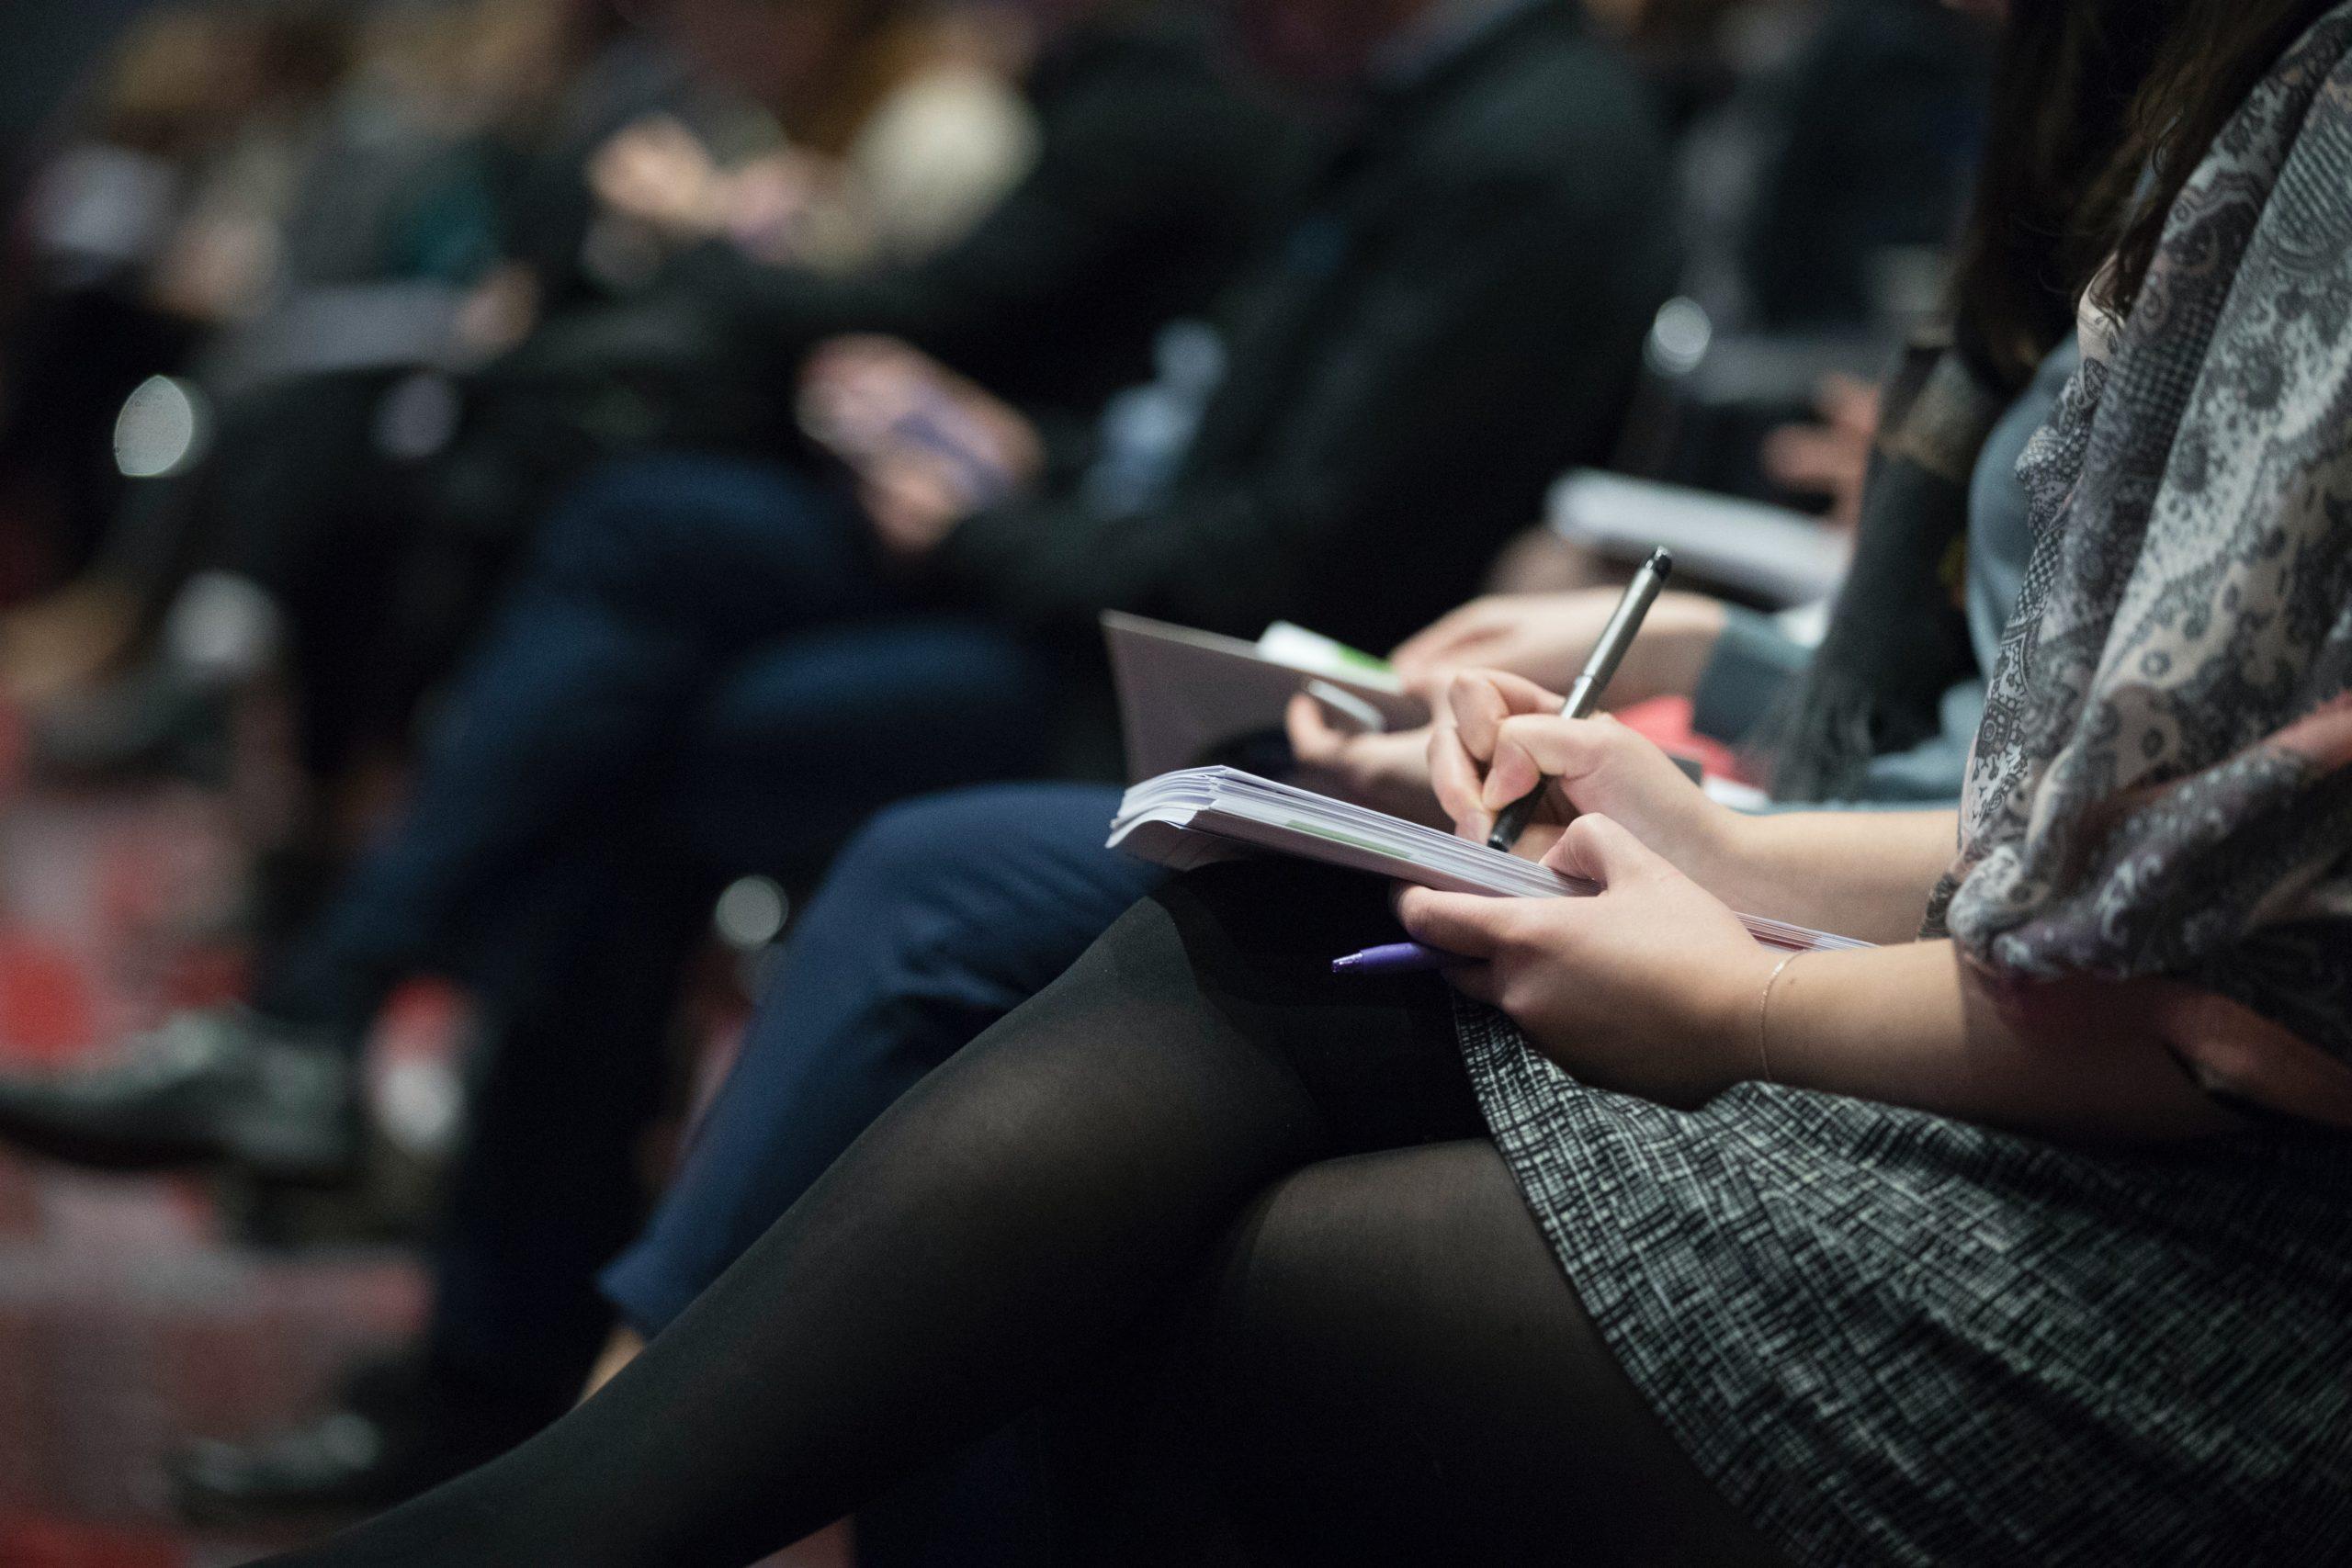 Colloque de la DDF : « Place des femmes dans l'entreprise : bilan et perspectives »